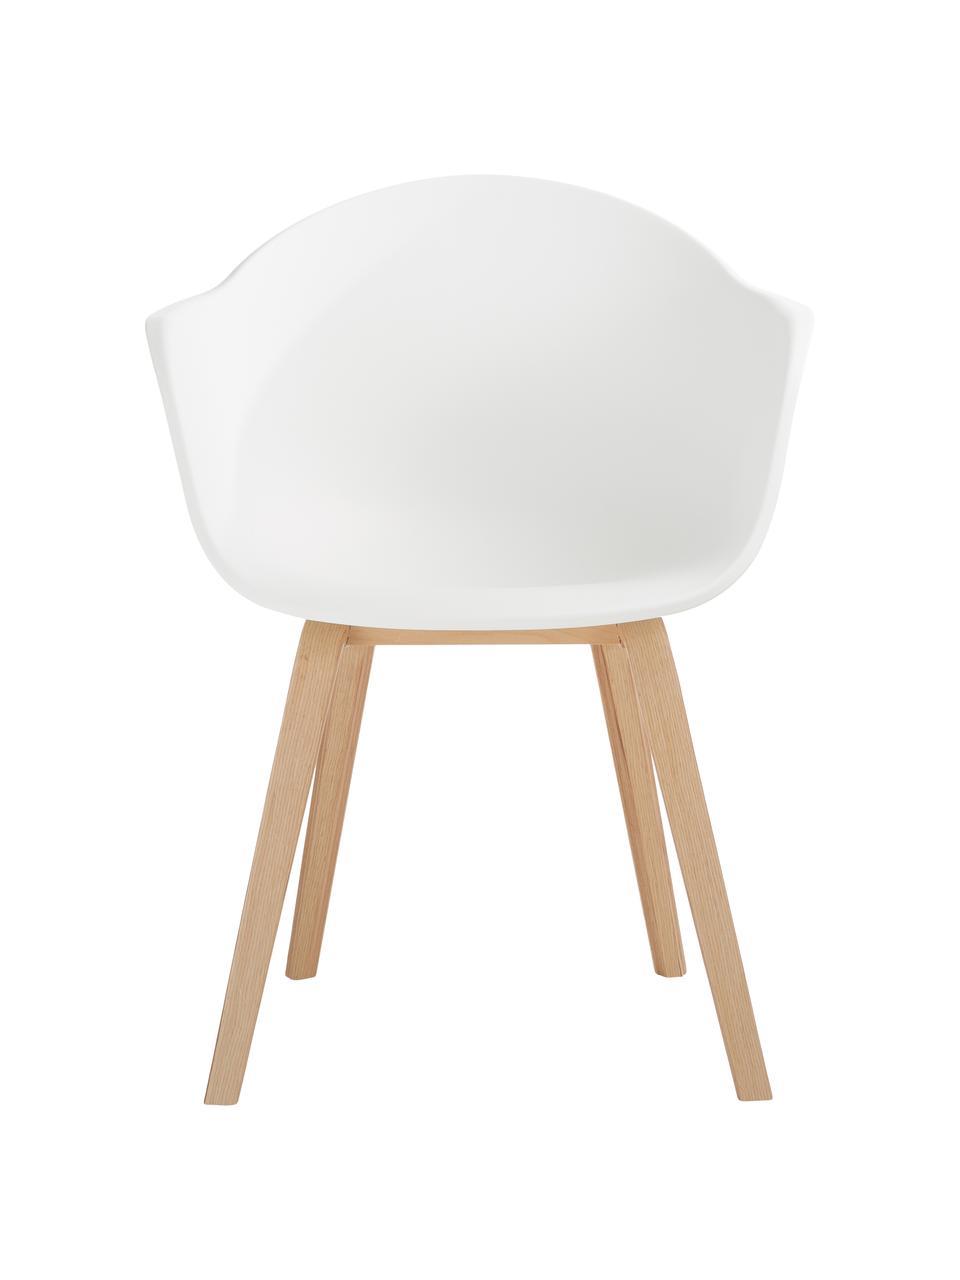 Kunststoffen armstoel Claire met houten poten, Zitvlak: kunststof, Poten: beukenhout, Zitvlak: wit. Poten: beukenhoutkleurig, 60 x 54 cm